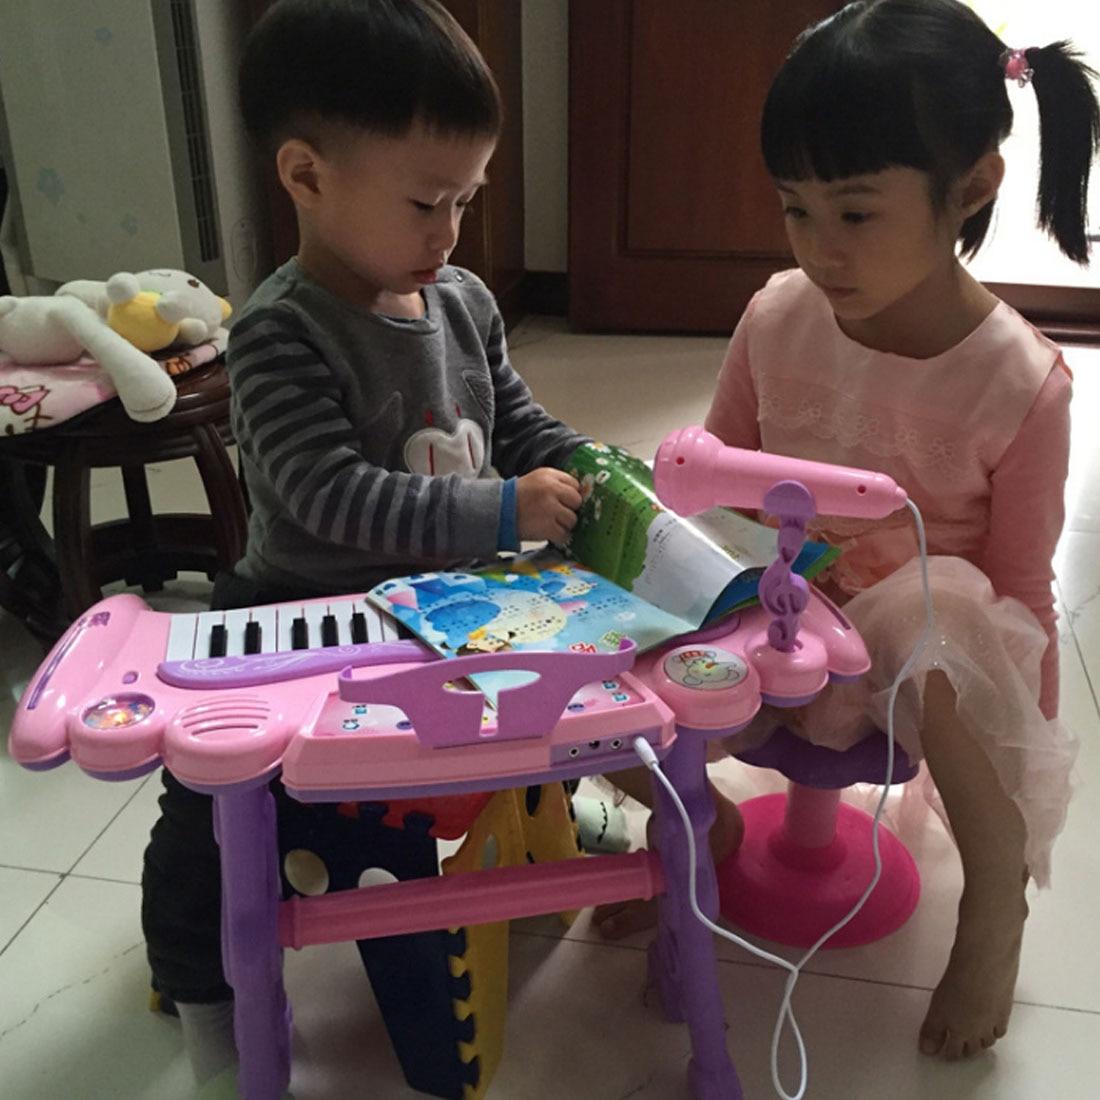 Juguete Musical Chargable para niños 37 teclas de órgano electrónico con micrófono y taburete para niñas juguetes de educación temprana para niños - 5